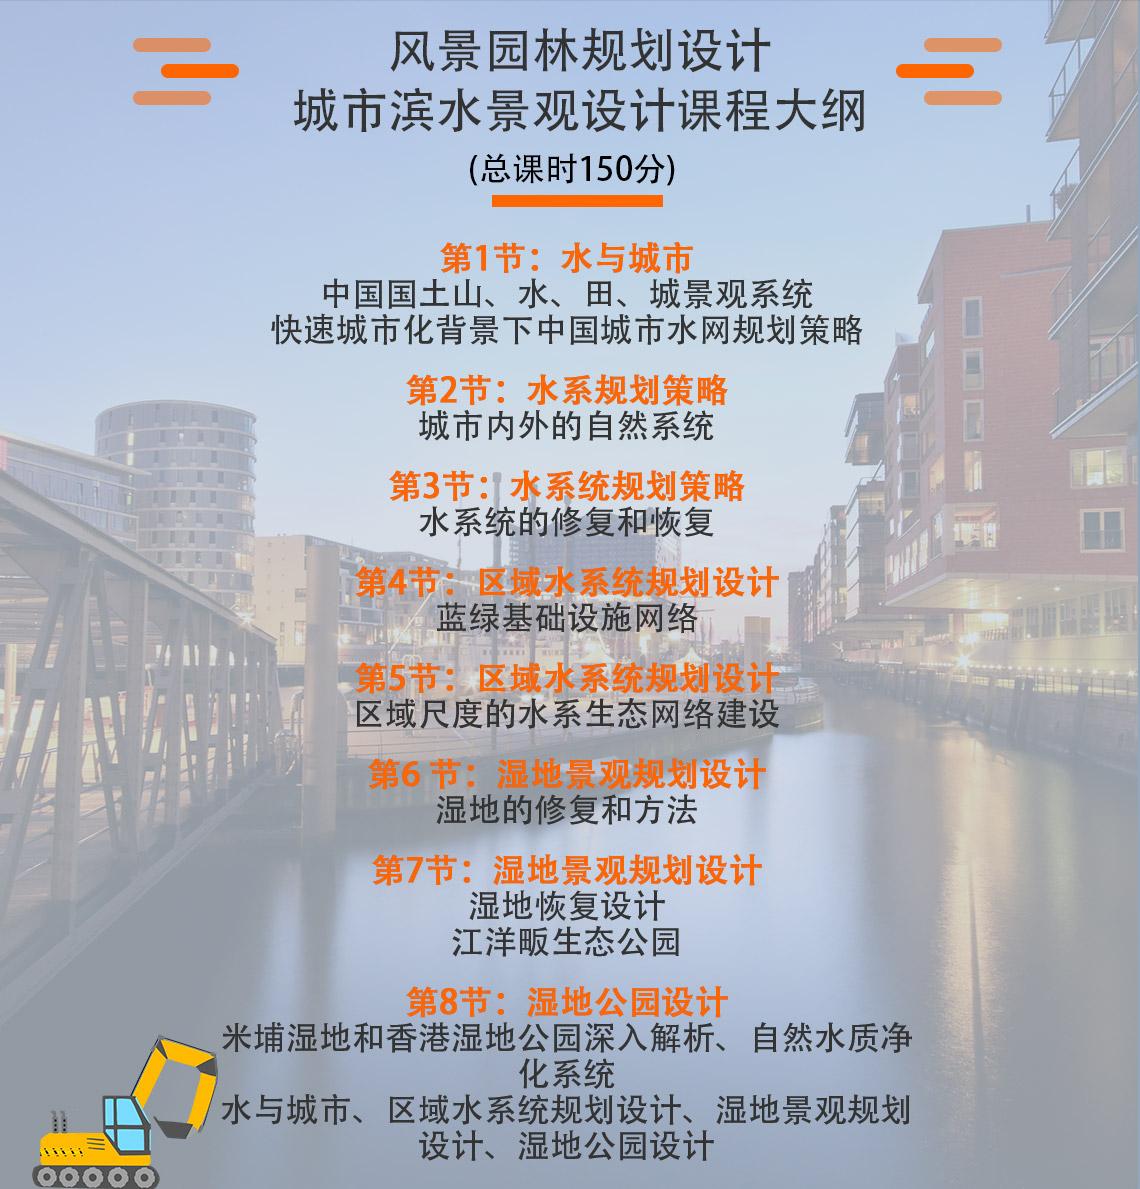 市滨水景观设计课程大纲 第1节: 水与城市:中国国土山、水、田、城景观系统           快速城市化背景下中国城市水网规划策略 第2节: 水系规划策略:城市内外的自然系统 第3节:水系统规划策略——水系统的修复和恢复 第4节:区域水系统规划设计——蓝绿基础设施网络 第5节:区域水系统规划设计——区域尺度的水系生态网络建设 第6 节:湿地景观规划设计:湿地的修复和方法 第7节:湿地景观规划设计:湿地恢复设计----江洋畈生态公园 第8节:湿地公园设计——米埔湿地和香港湿地公园深入解析、自然水质净化系统